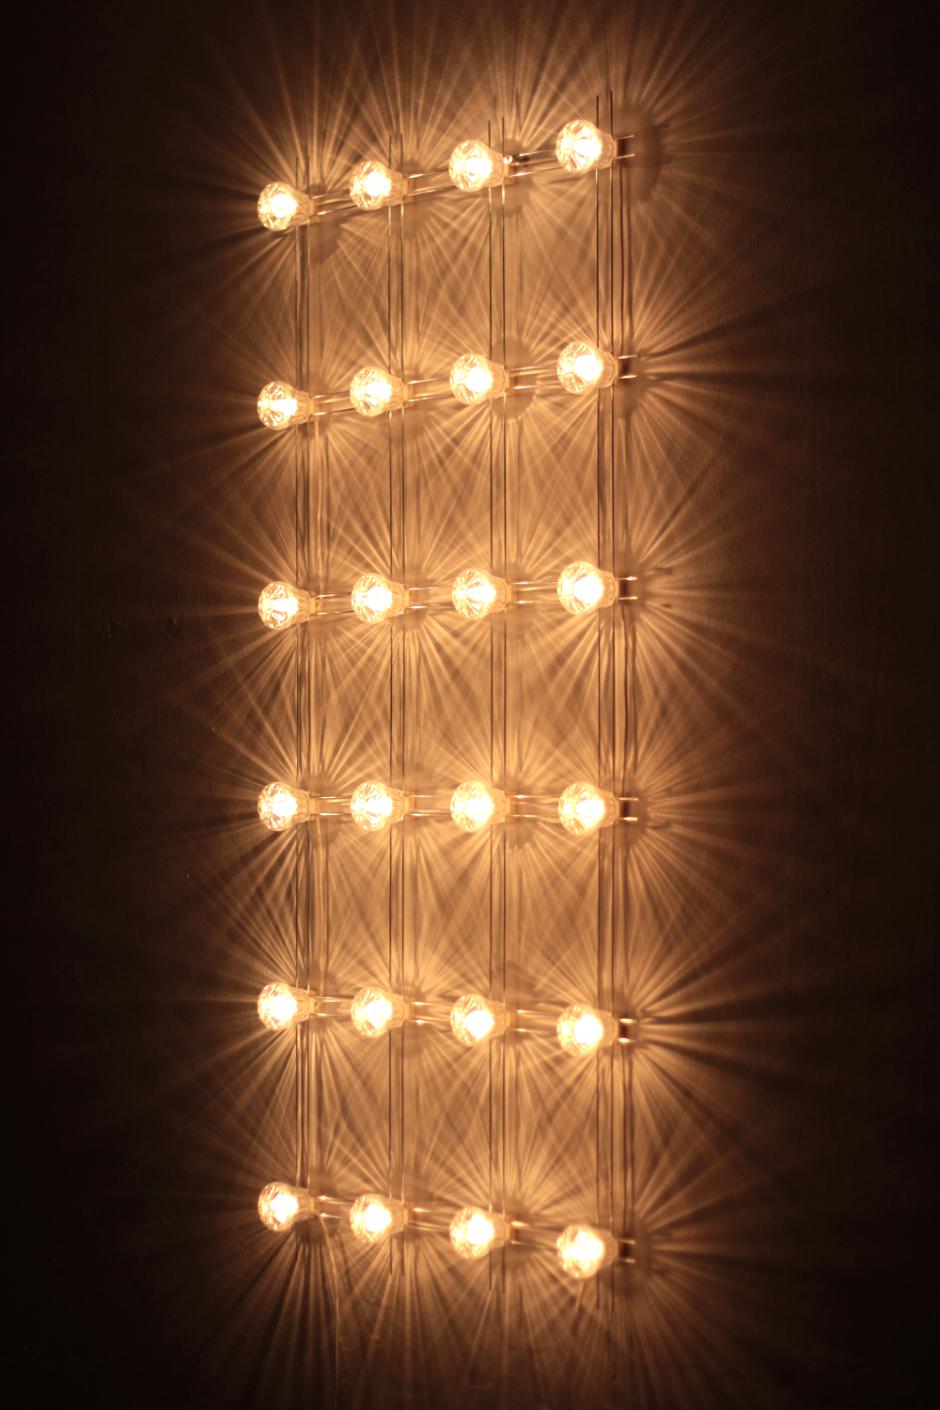 Constellation Daniel De Bruin Via Crowdyhouse Wall Of Light Wall Lights Light Grid